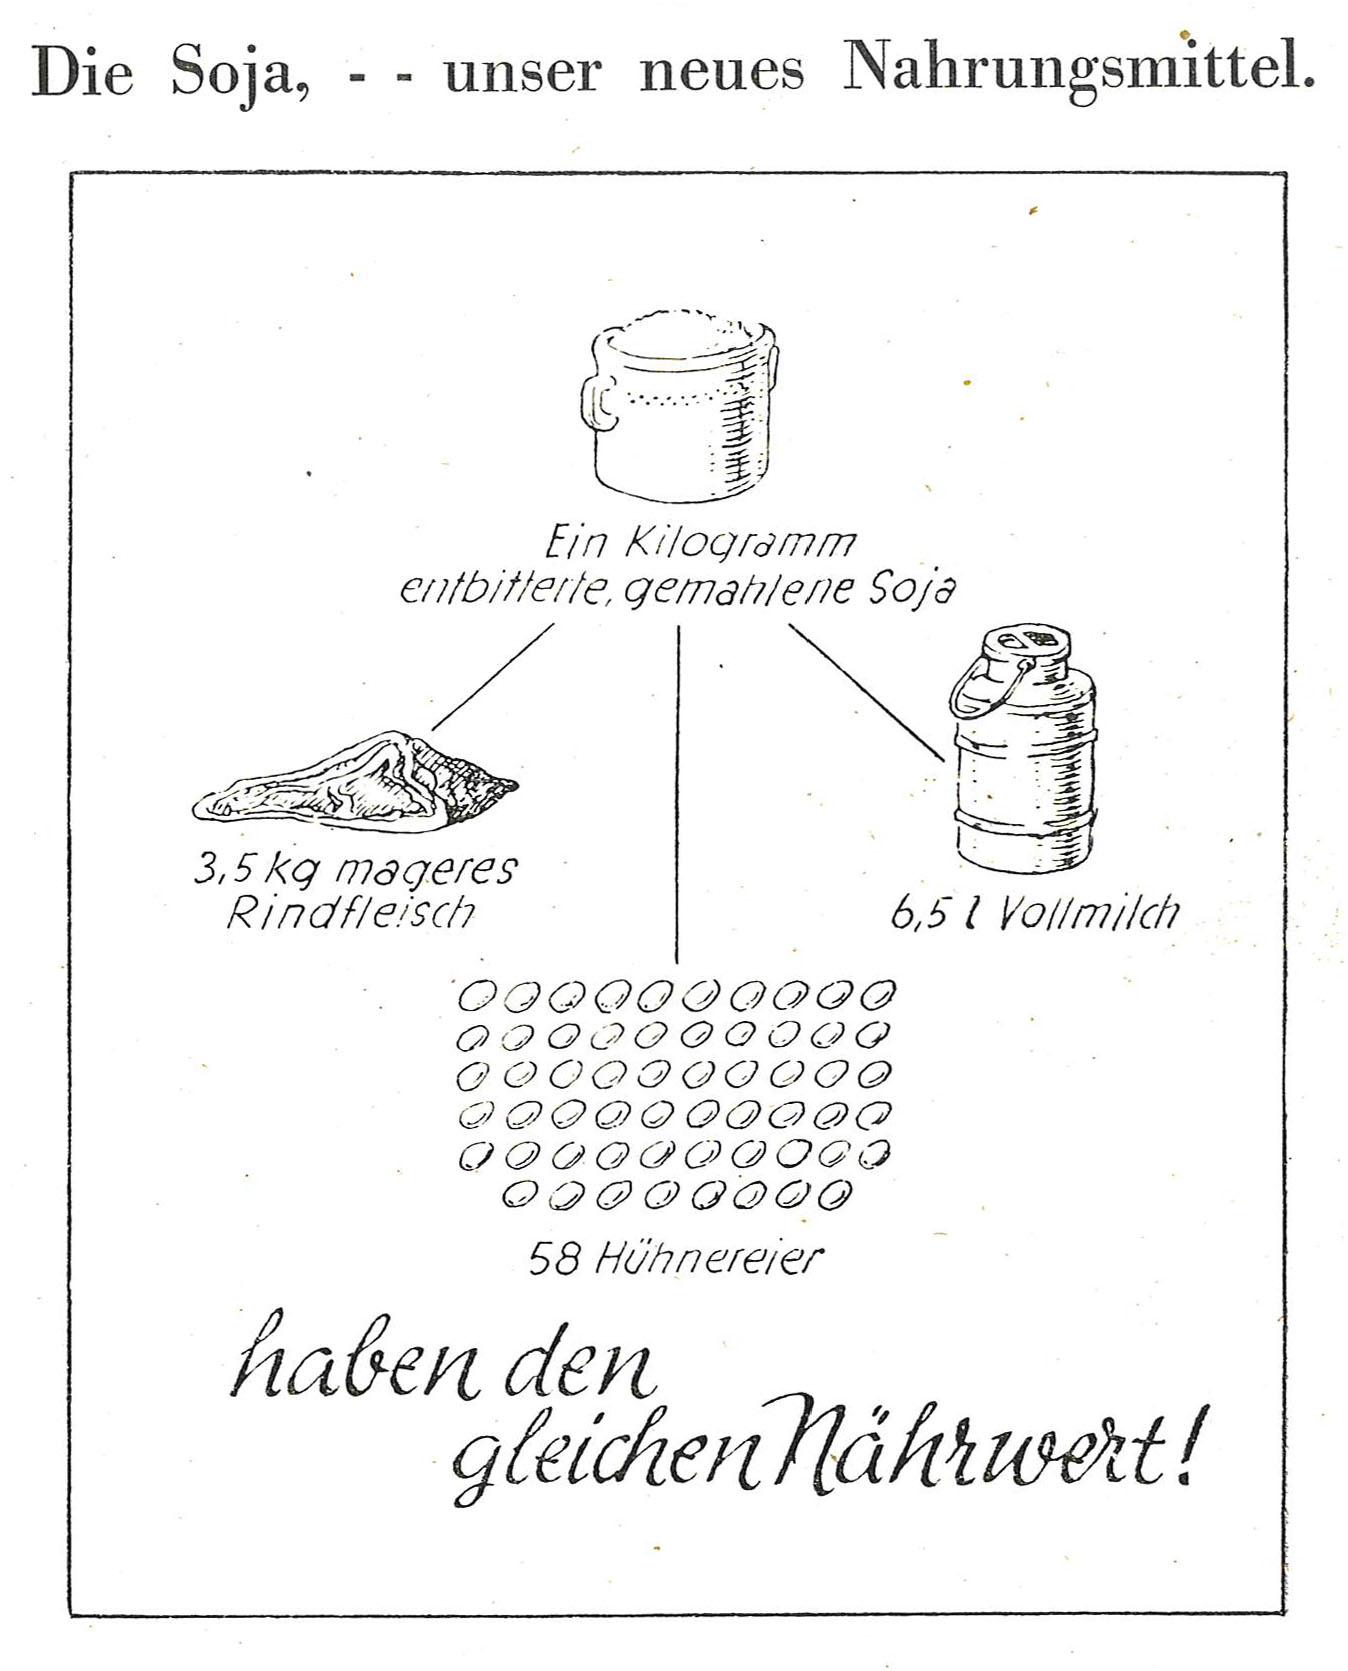 Die Abbildung zeigt eine gezeichnete Grafik. Sie stellt dar, dass ein Kilogramm entbitterte gemahlene Soja den gleichen Nährwert hat wie 3,5 Kilogramm mageres Rindfleisch, 58 Eier oder 6,5 Liter Vollmilch.